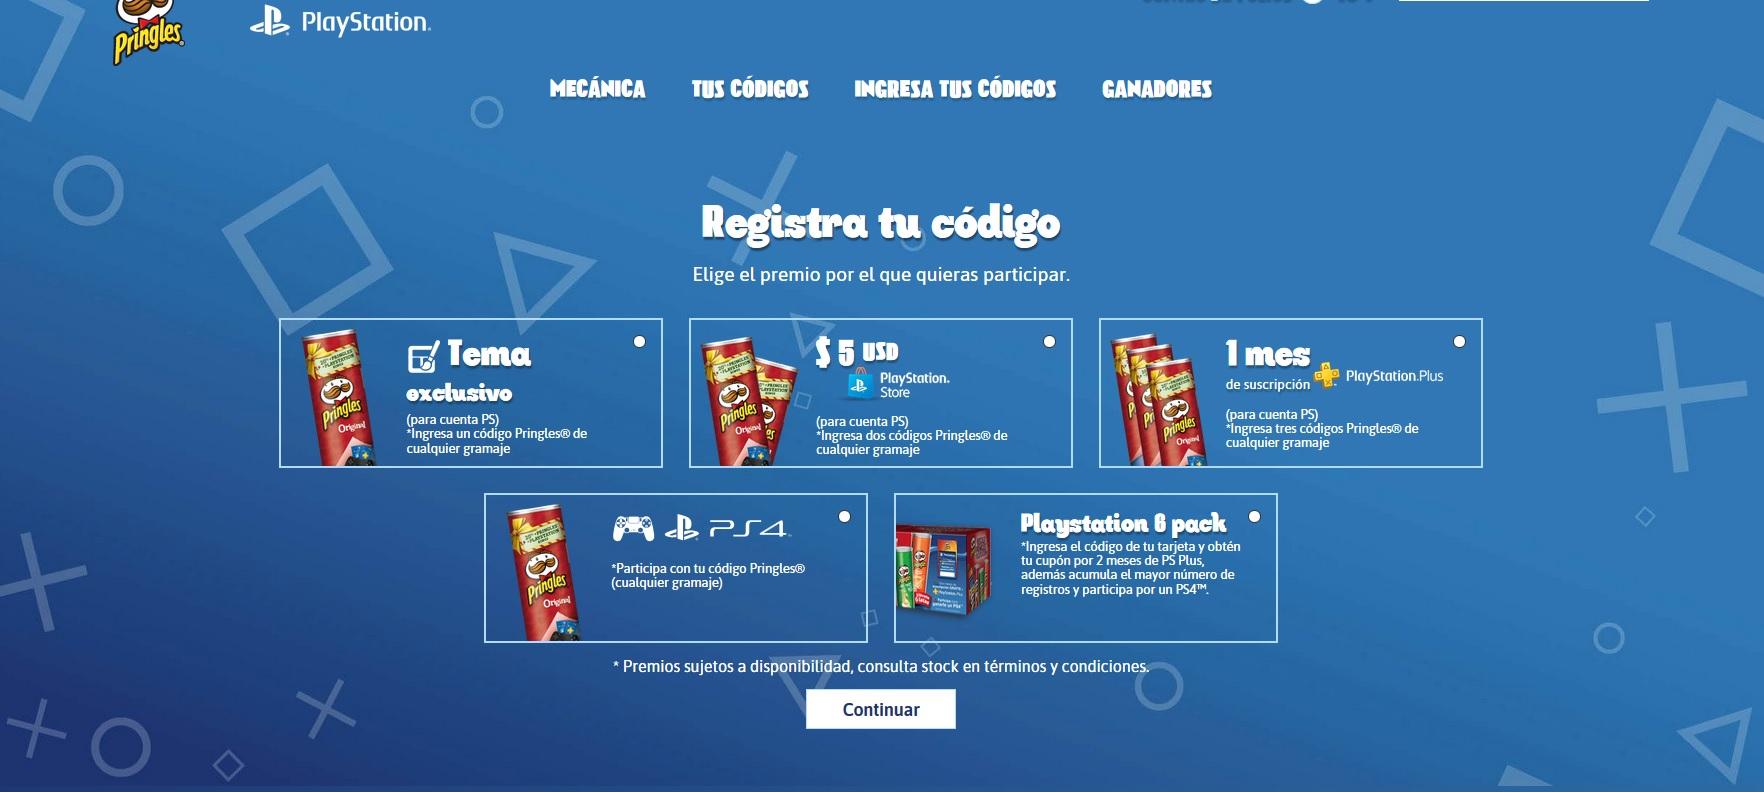 Pringles: Registra dos tubos participantes y llevate $5 dolares en tu cuenta PSN